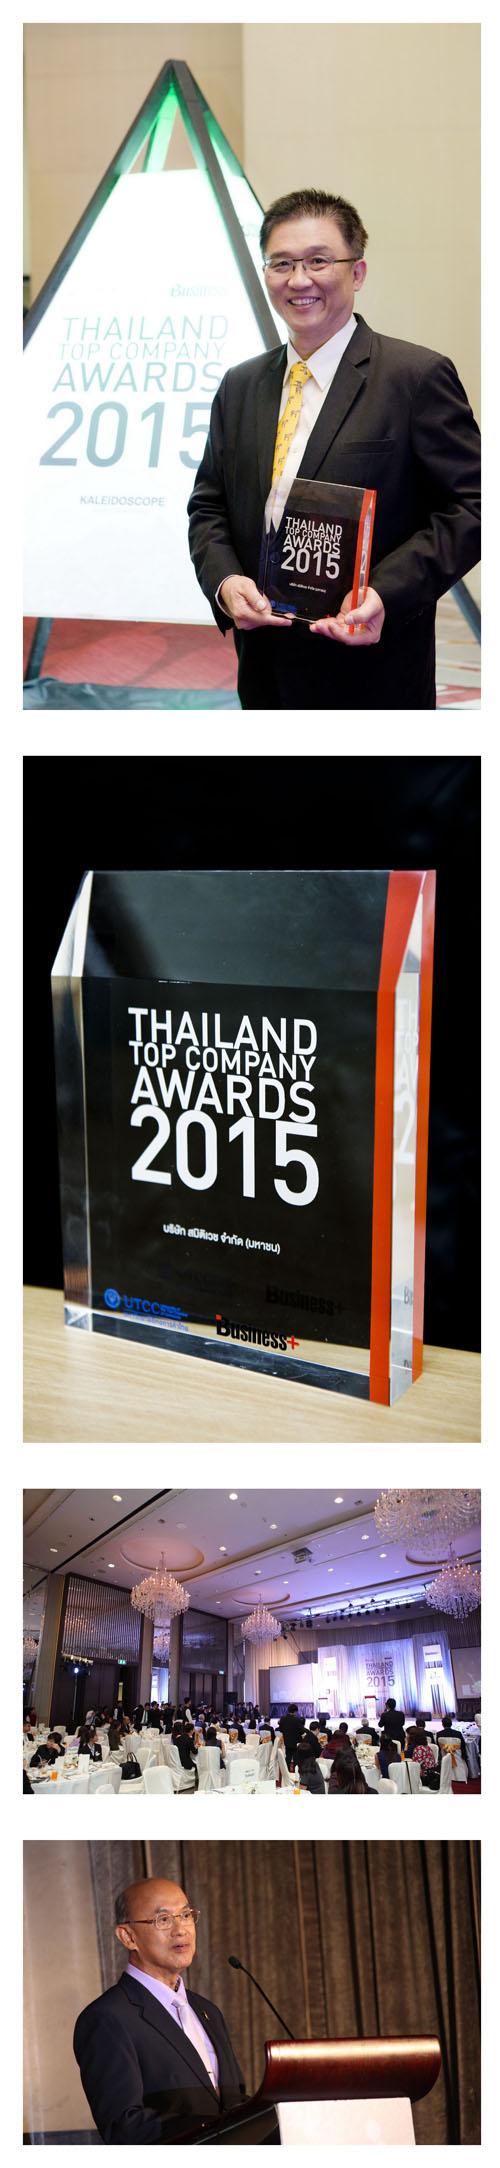 thailand-top-award